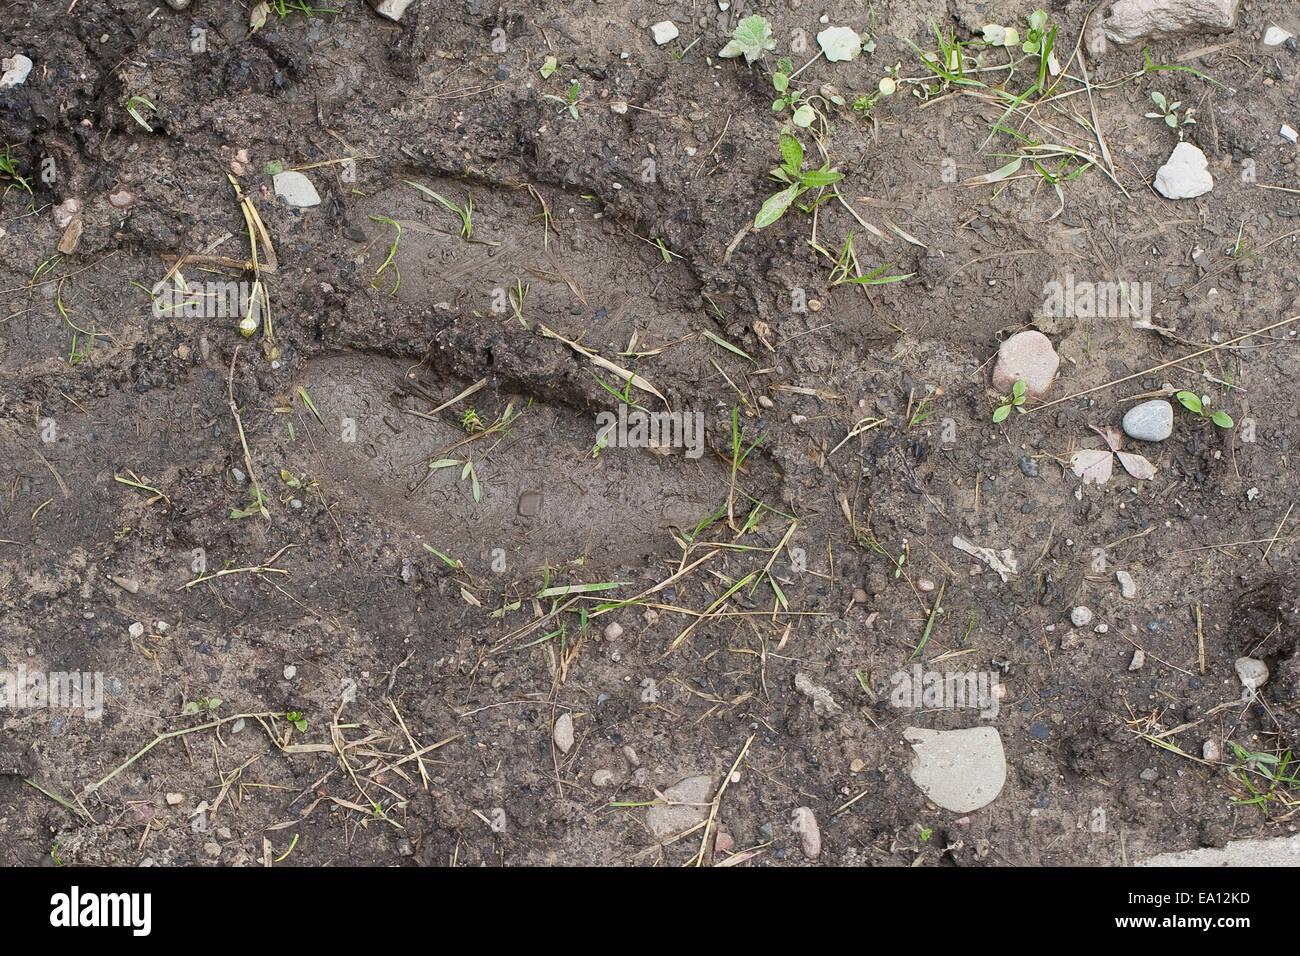 Elk, mark, sign, track, Elch, Spur, Trittsiegel, Fußspur, Fußabdruck im Schlamm, Alces alces, Elan - Stock Image